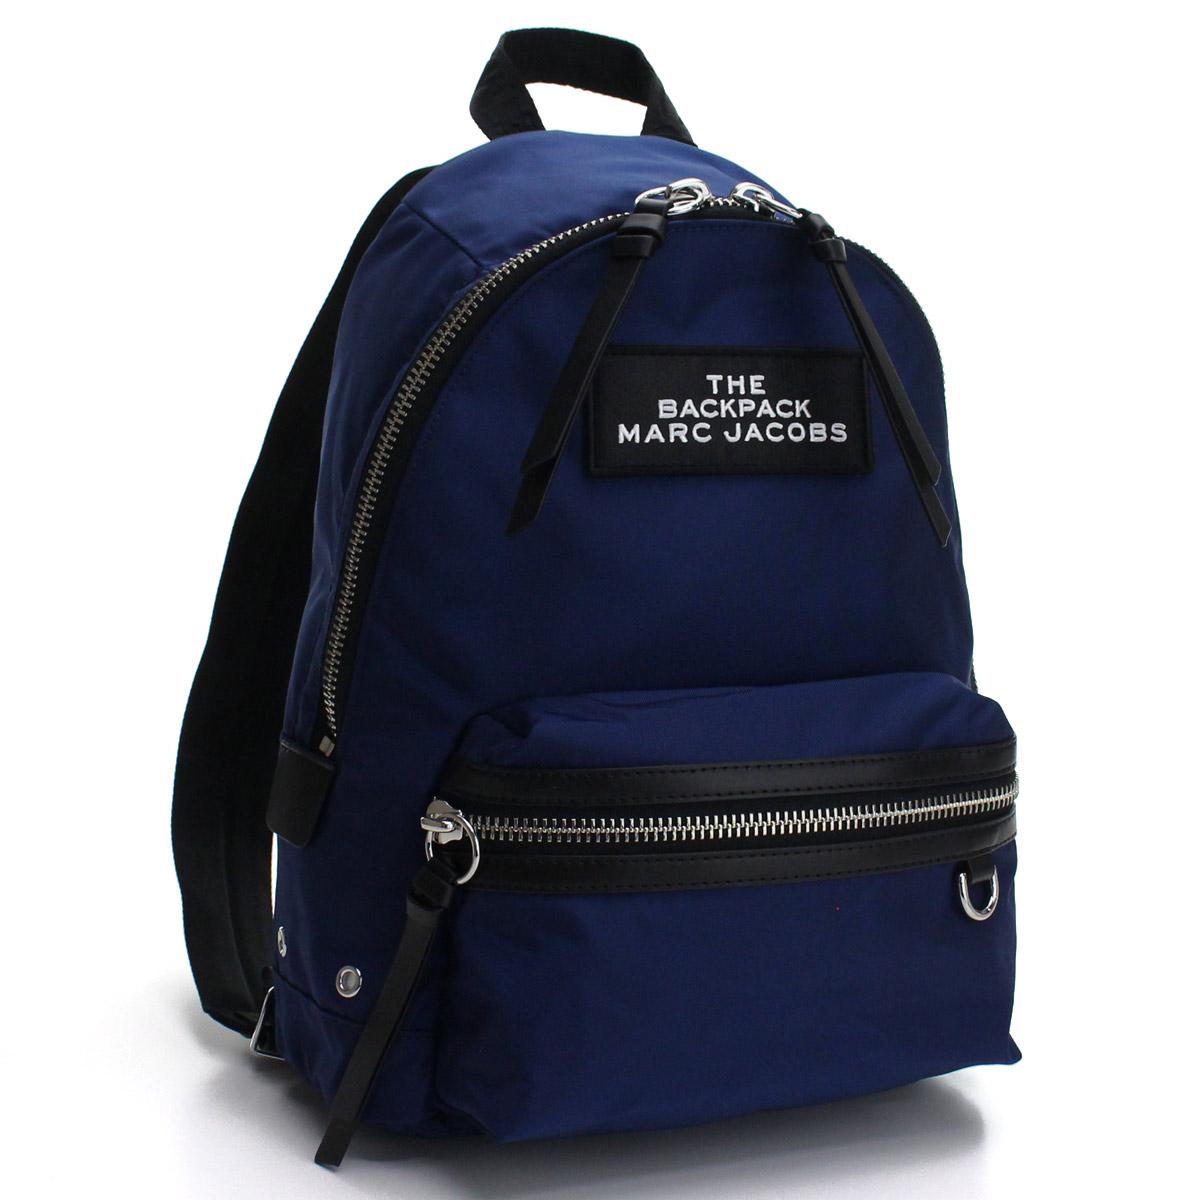 マーク ジェイコブス MARC JACOBS Medium Backpack リュック バックパック M0015415 412 NIGHT BLUE ブルー系 レディース